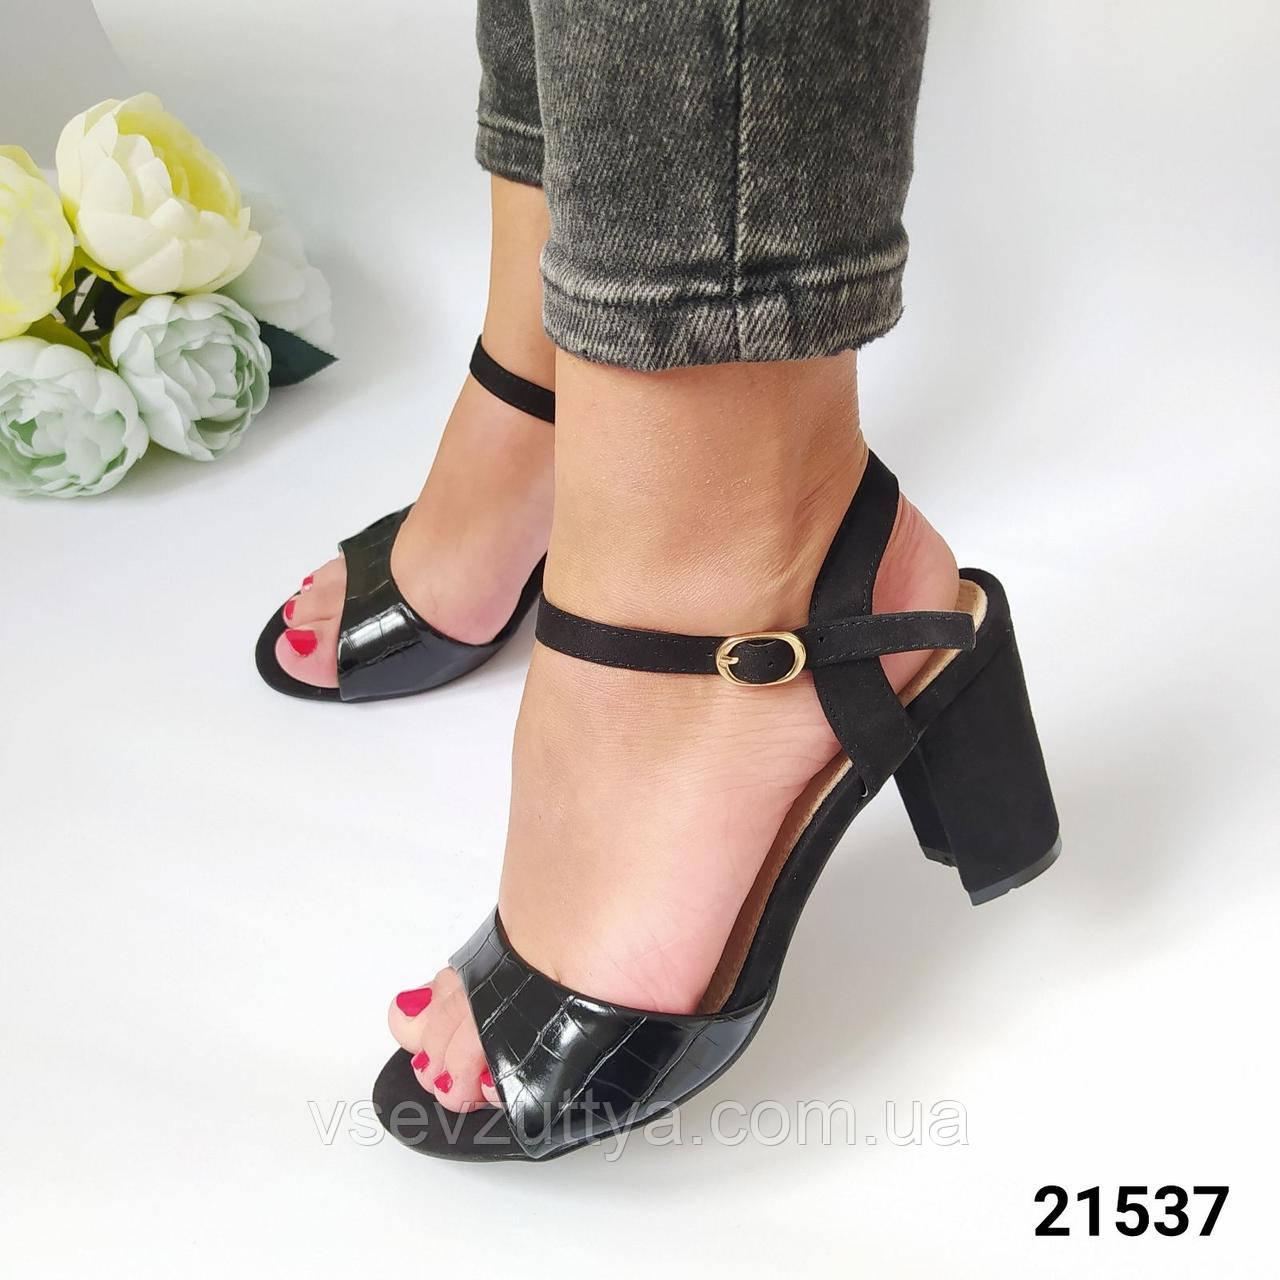 Босоніжки жіночі чорні на каблуку